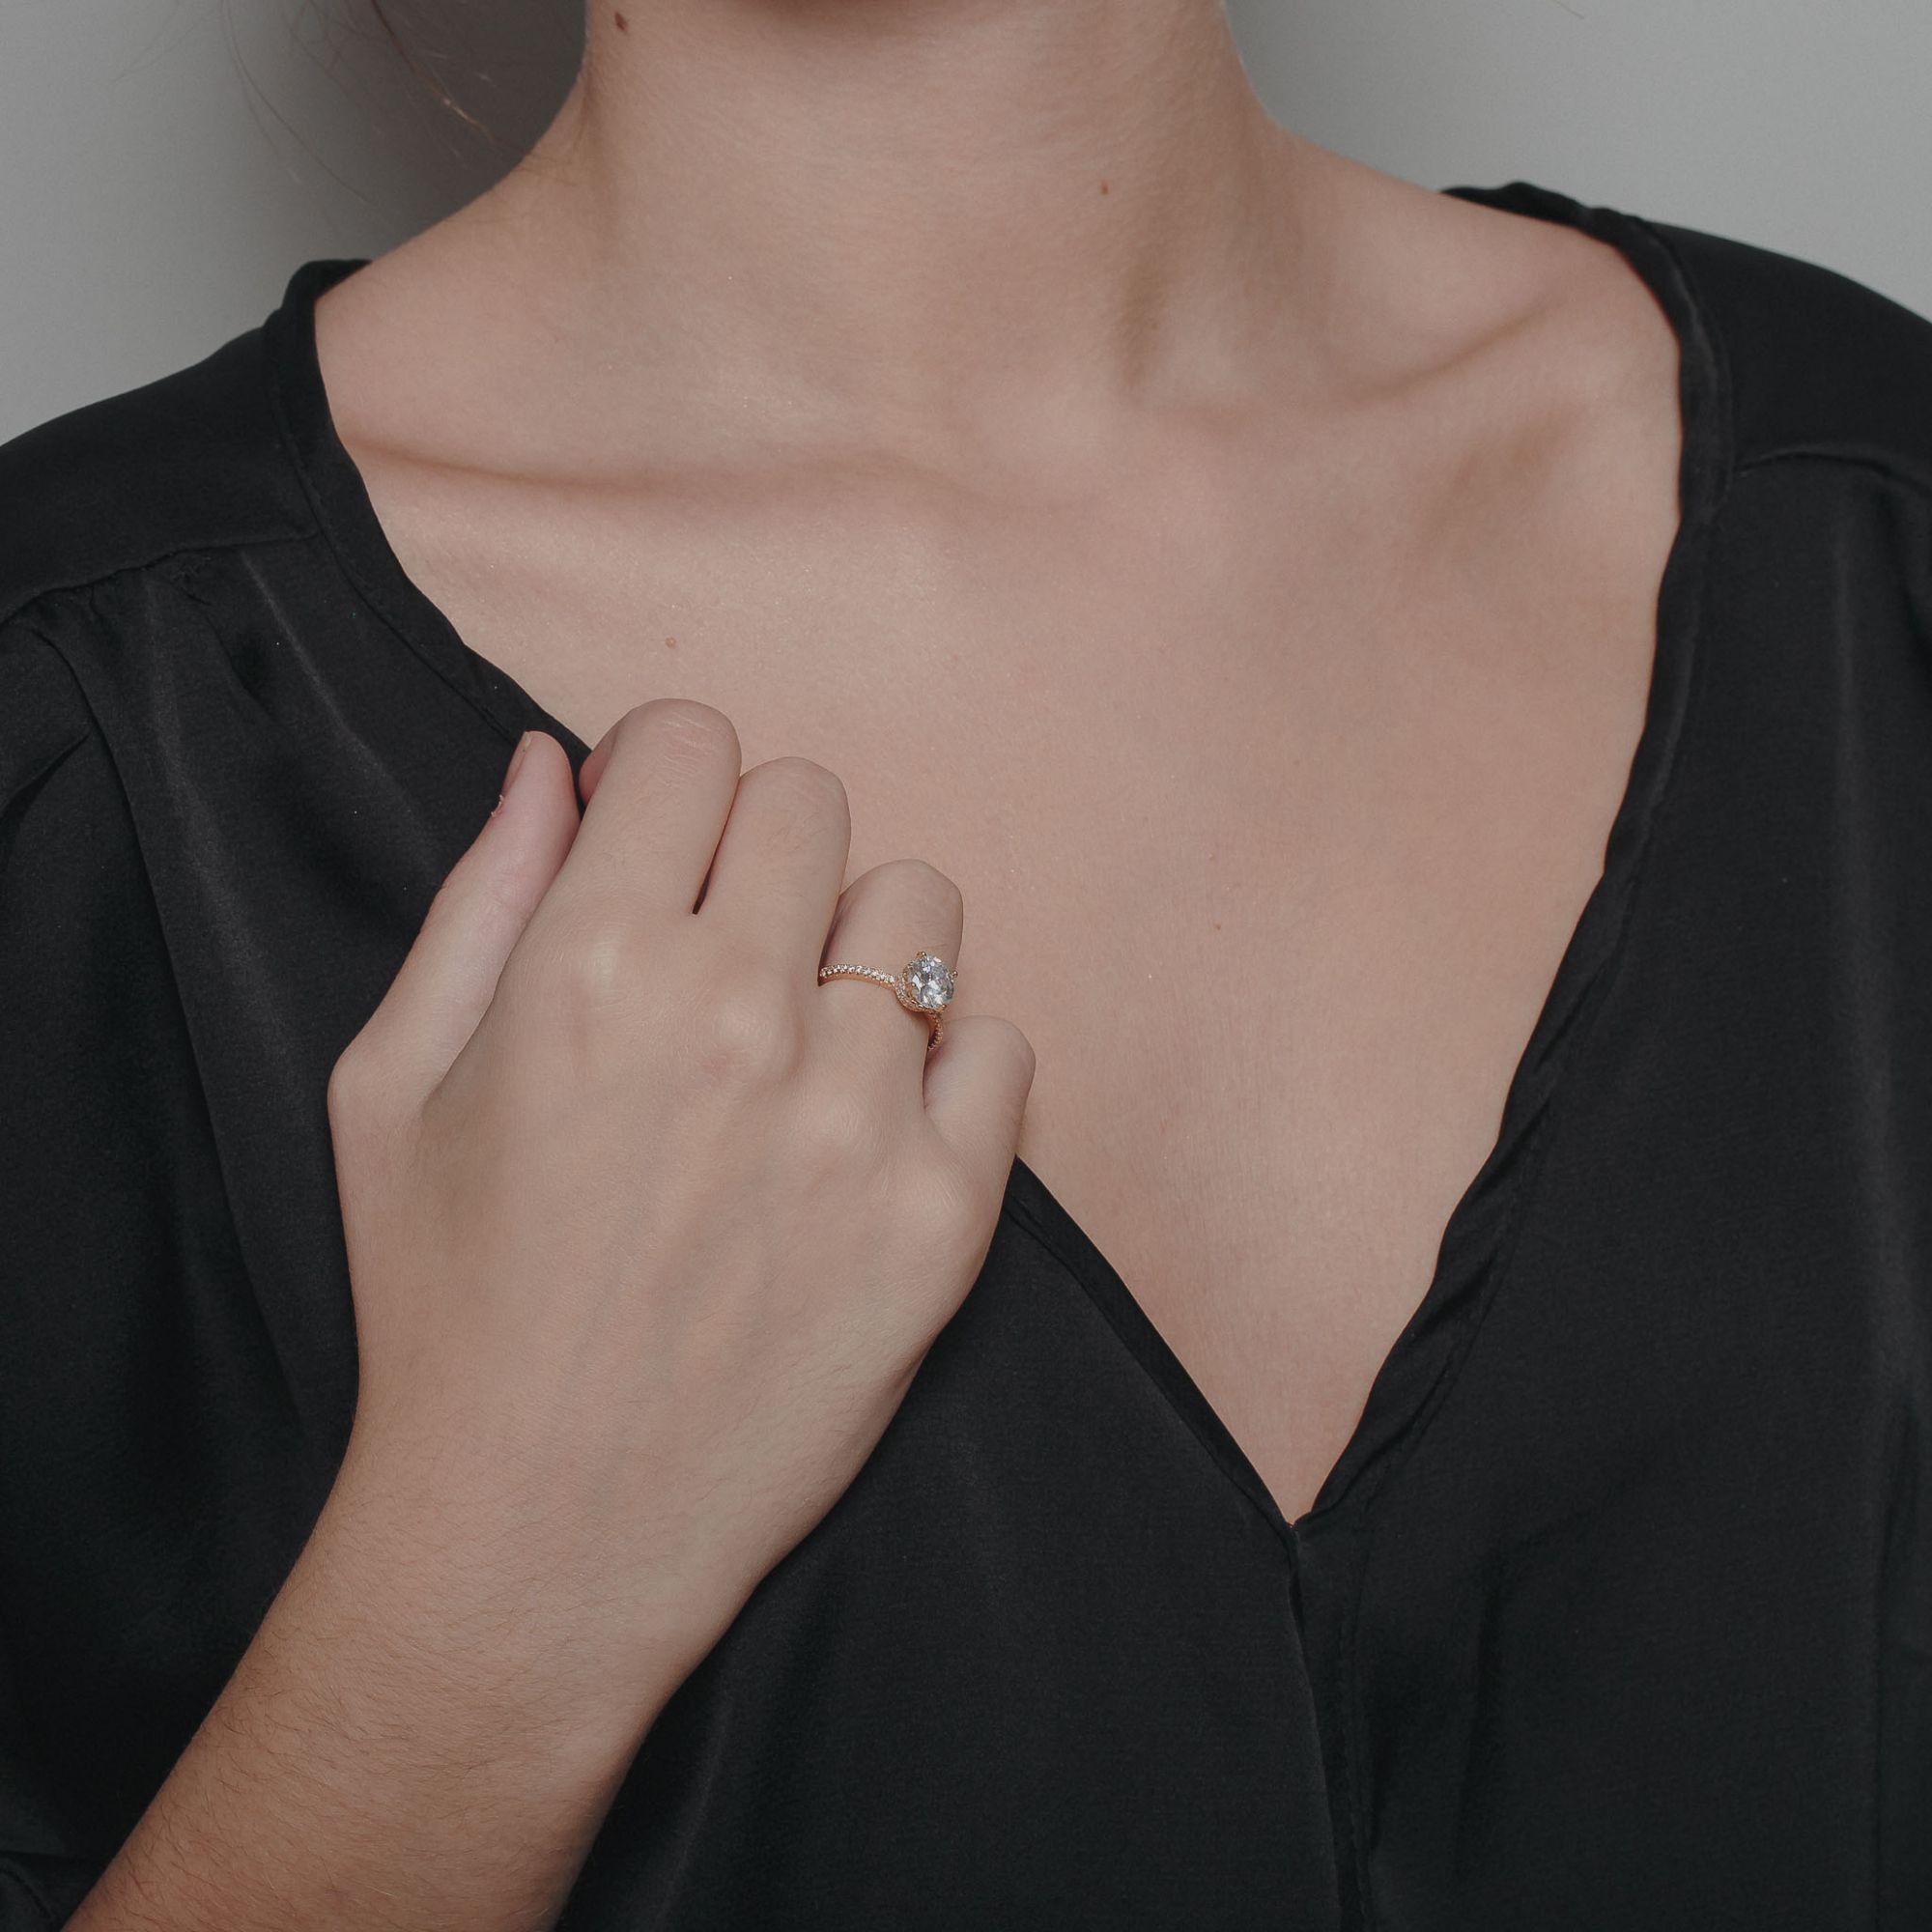 Anel com zircônias cristais banhado a ouro 18k.  - bfdecor.com.br